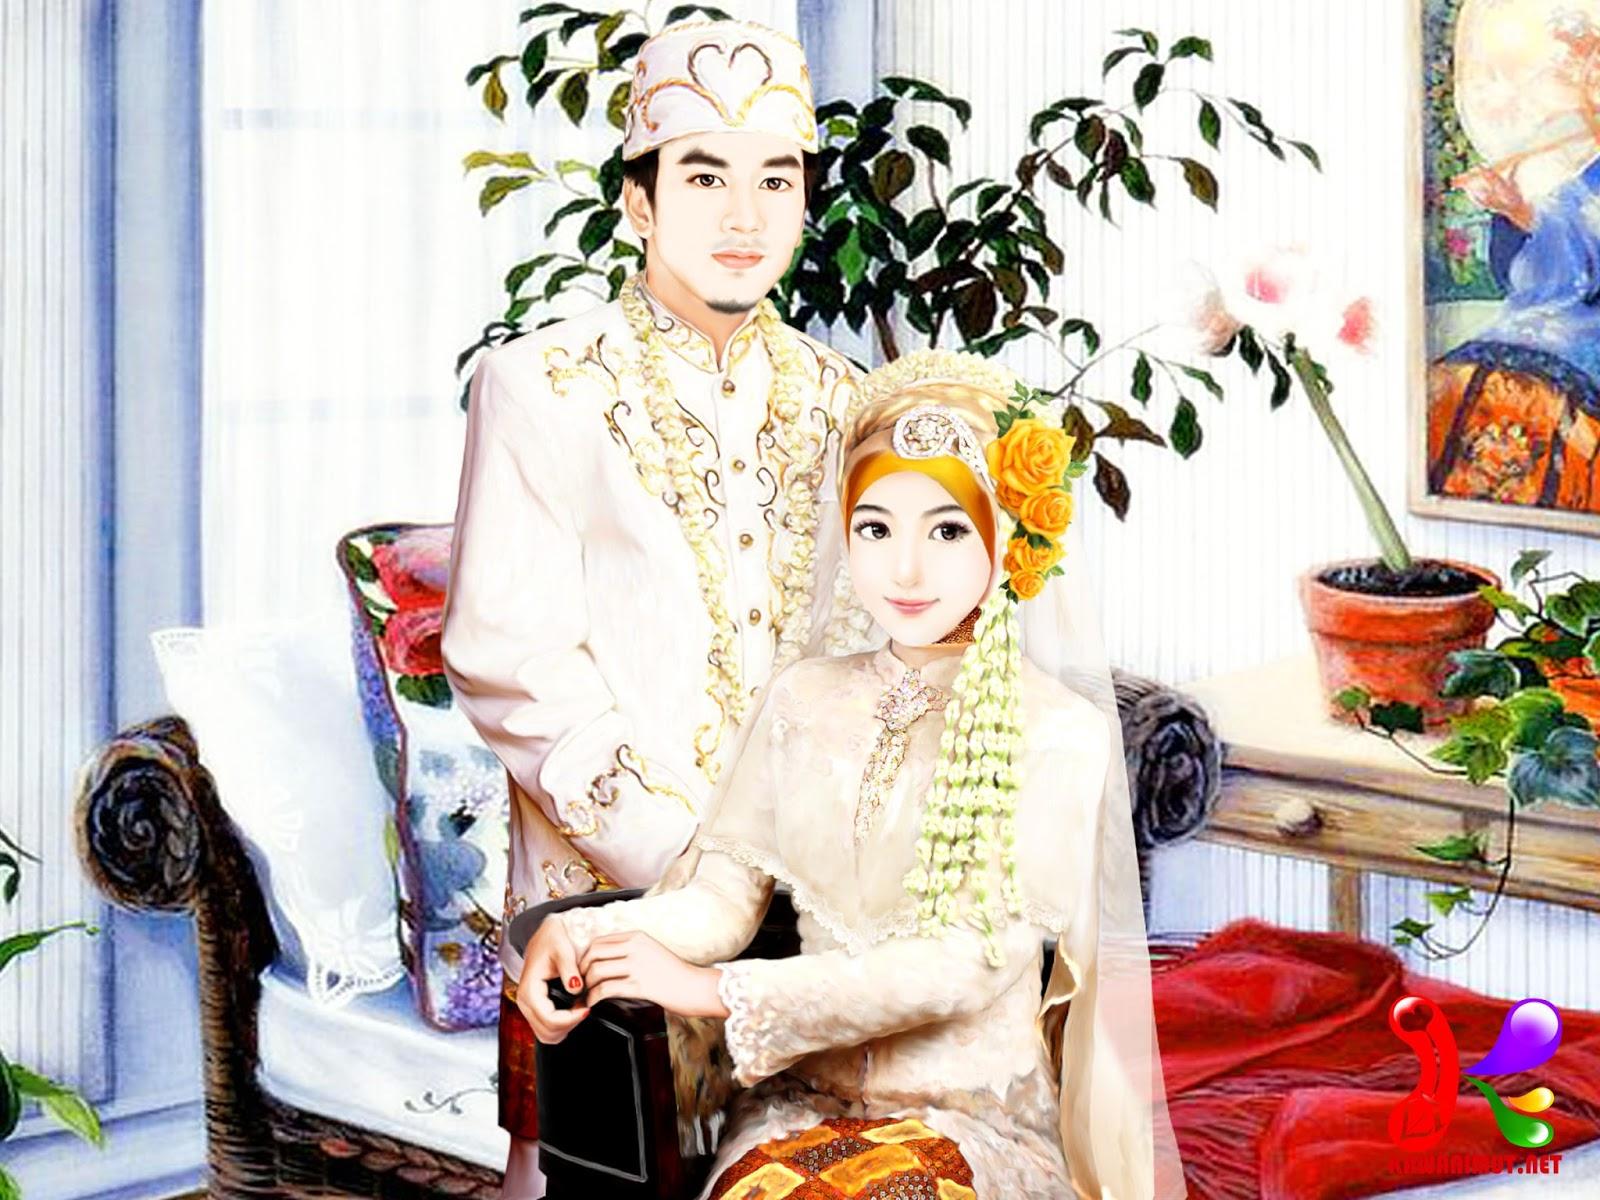 Kawanimut Koleksi Kartun Pengantin Kawanimut Kawanimuts Wedding